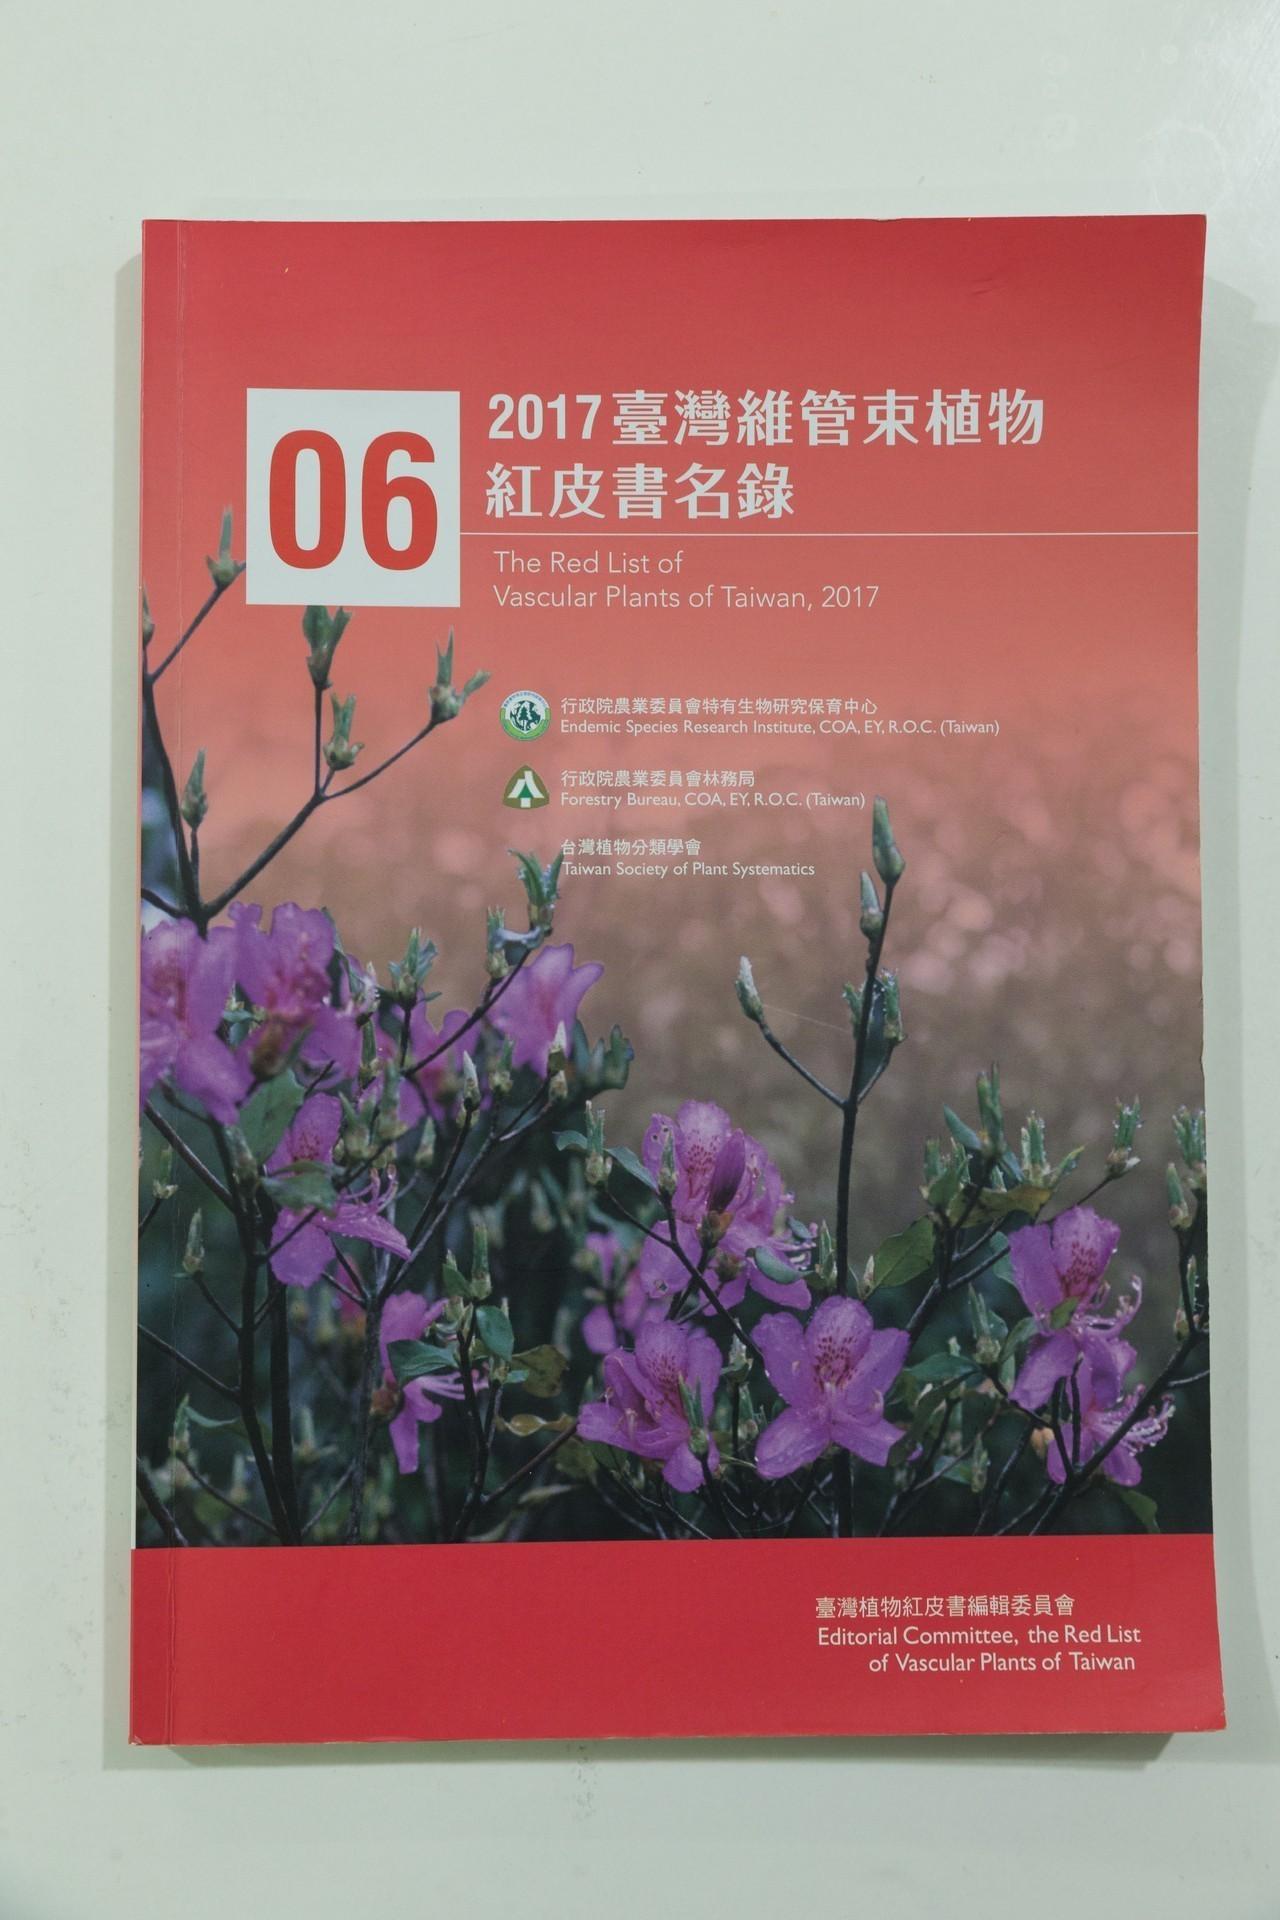 紅皮書裡滿載台灣的瀕危植物,也成了洪信介努力的目標。攝影/陳立凱